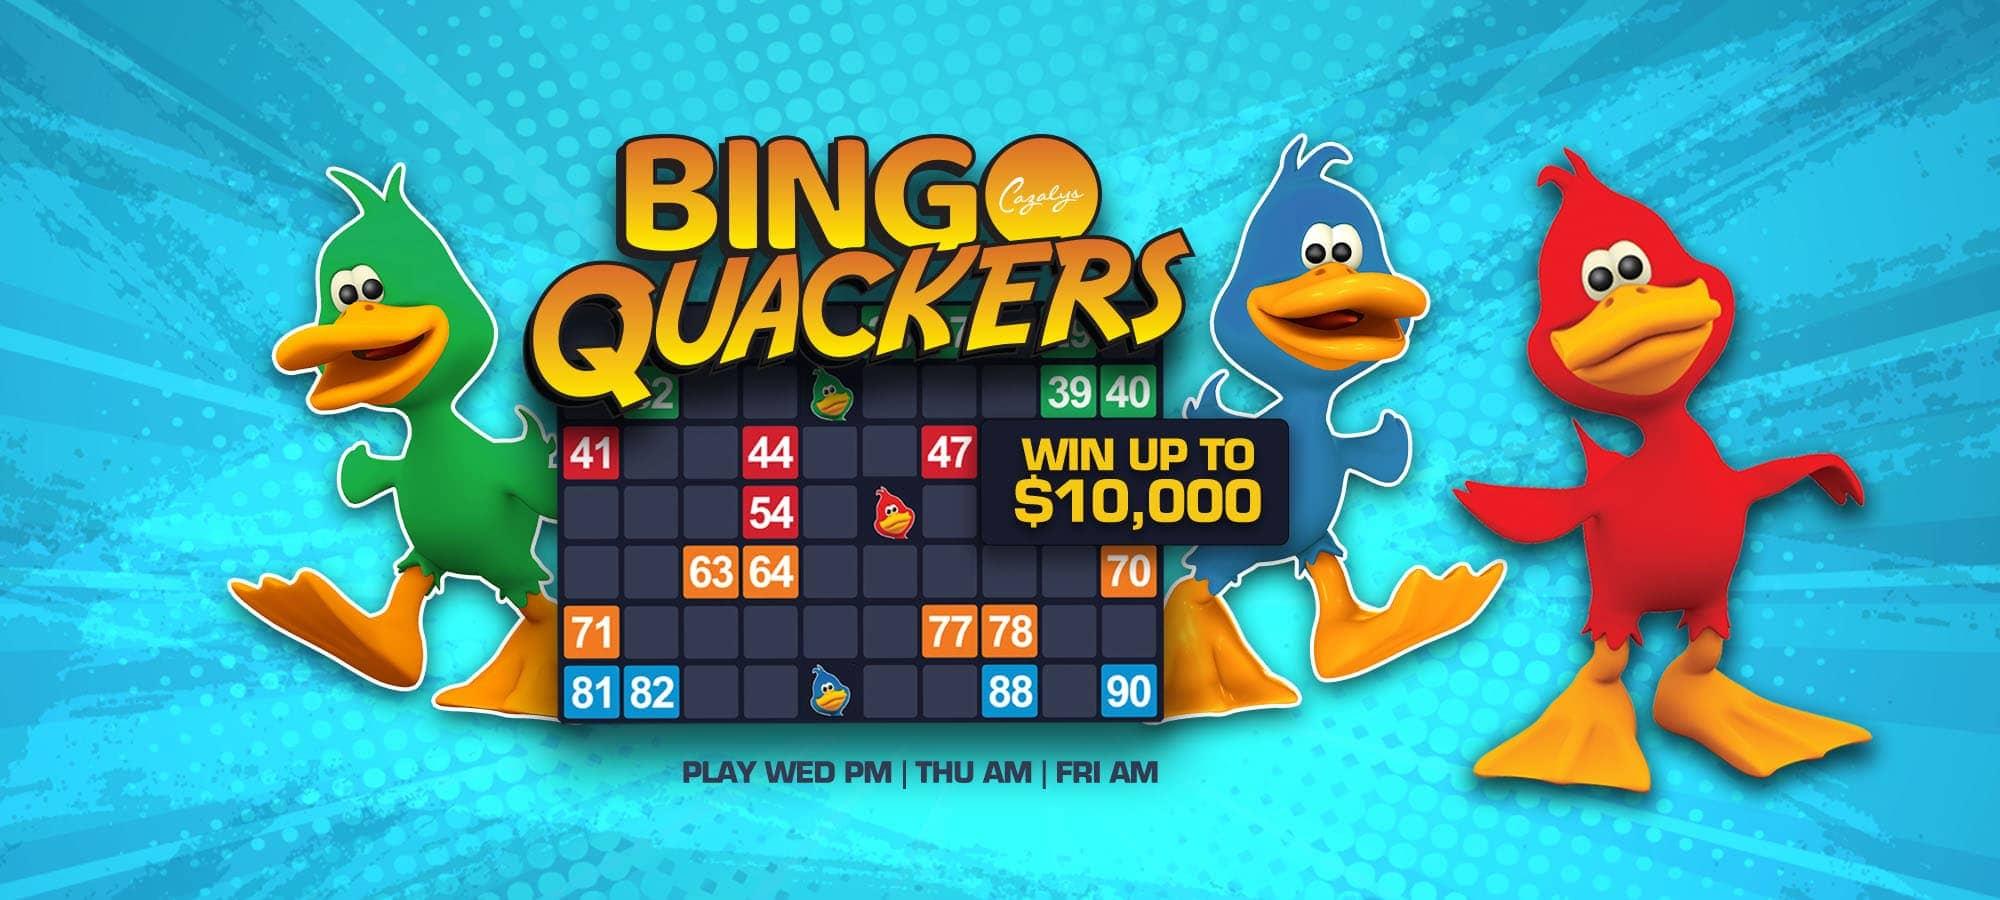 Bingo In Cairns